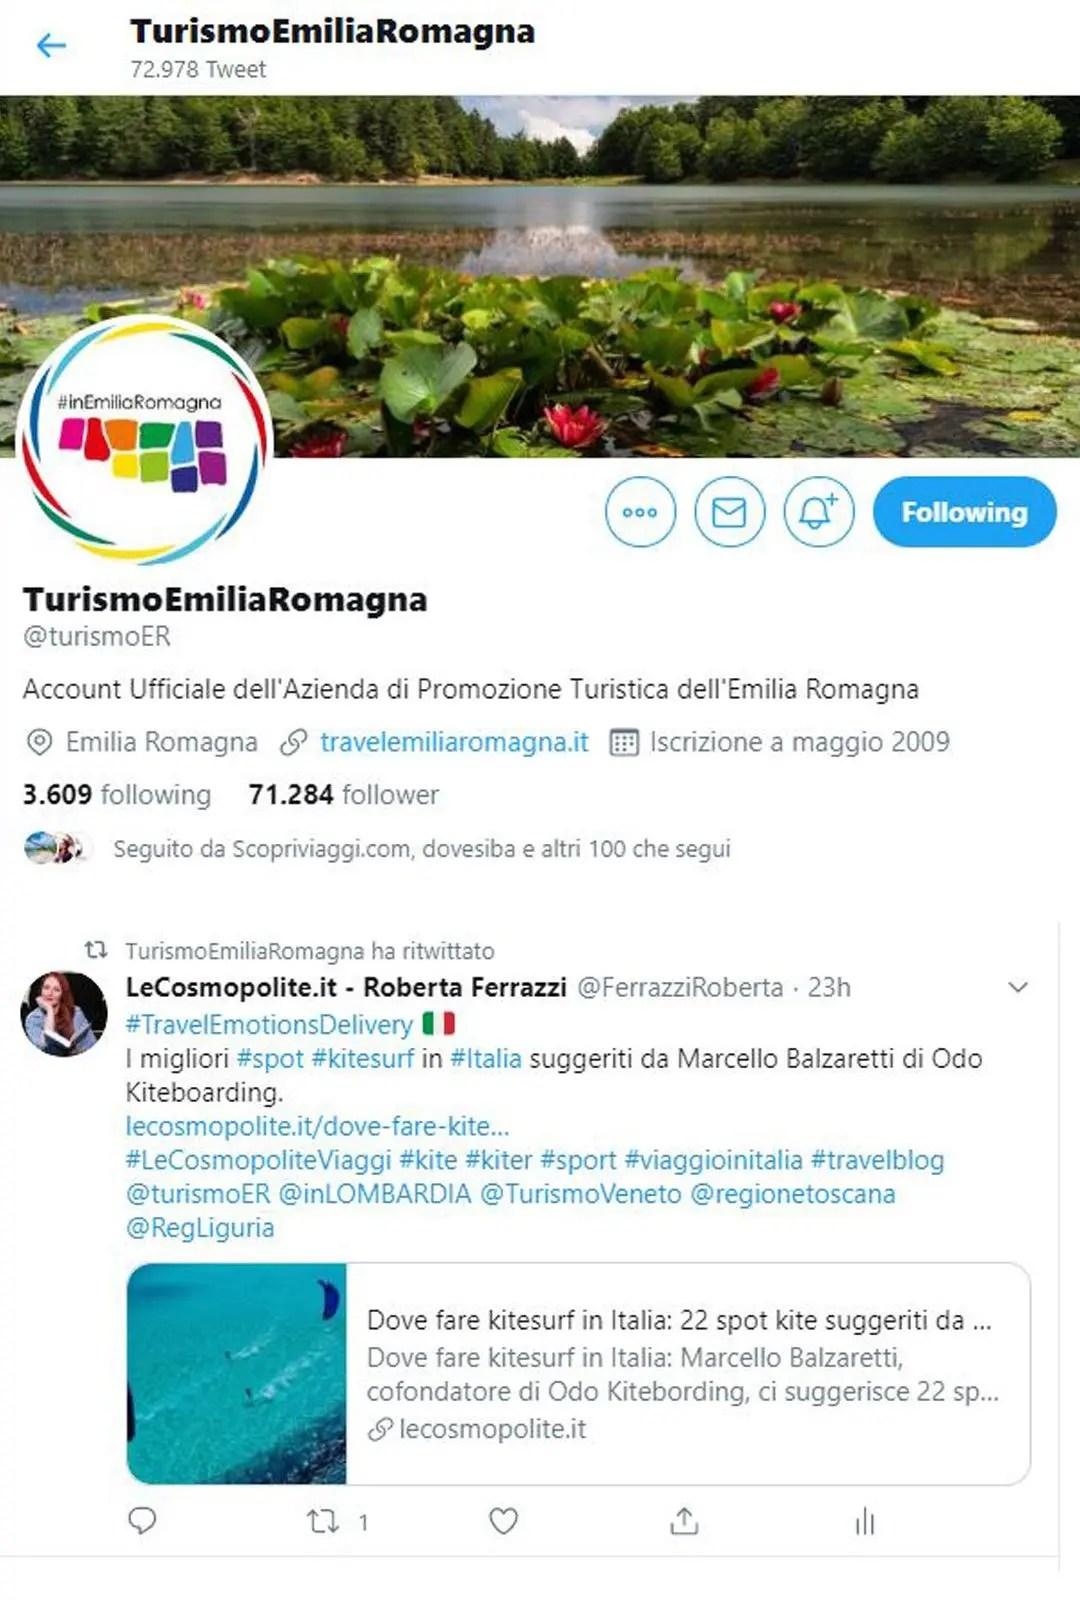 Roberta Ferrazzi di LeCosmopolite.it menzionata in Turismo Emilia Romagna